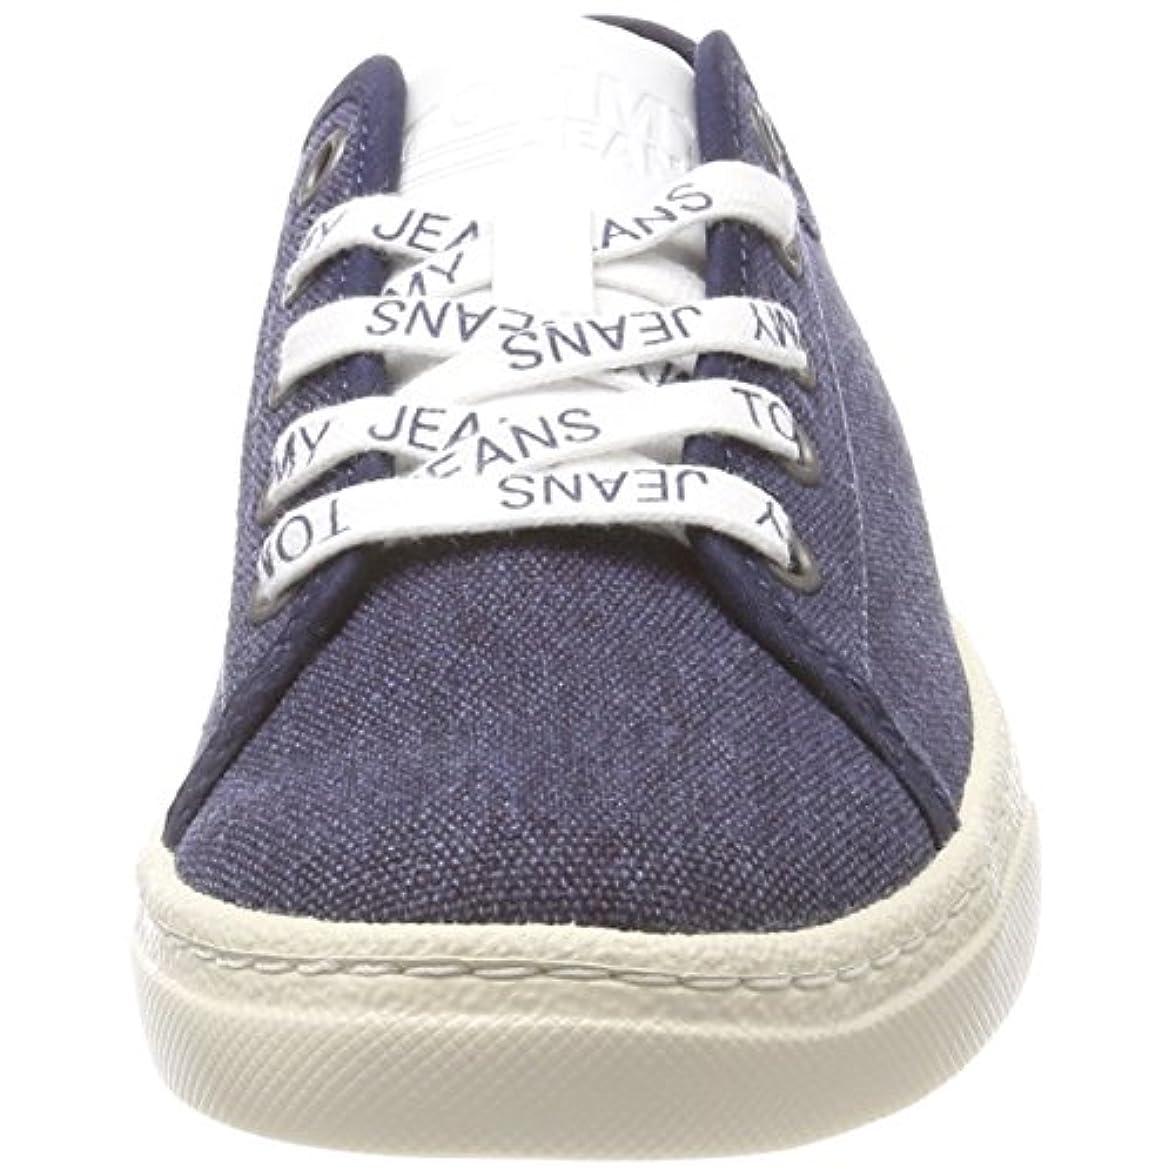 Hilfiger Denim Tommy Jeans Light Textile Low Scarpe Da Ginnastica Basse Donna